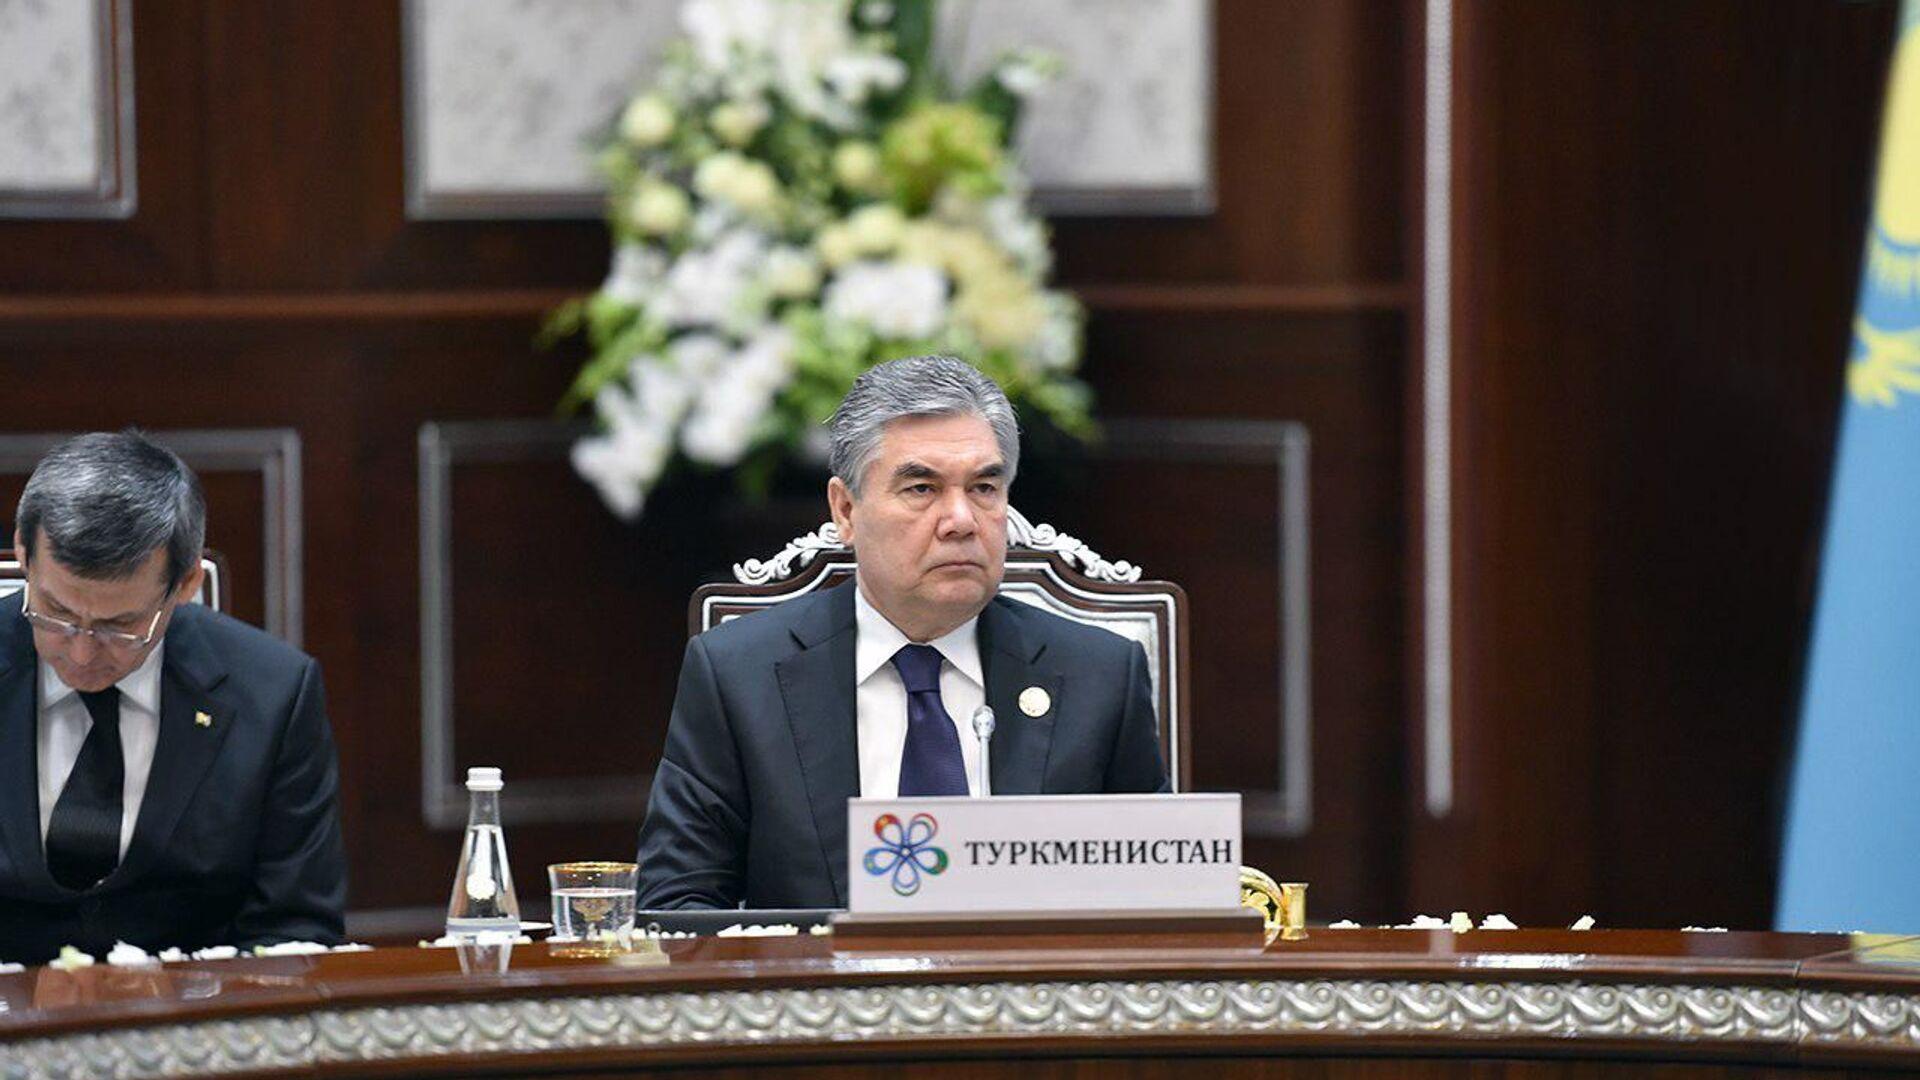 Президент Туркменистана Гурбангулы Бердымухамедов - Sputnik Узбекистан, 1920, 22.09.2021